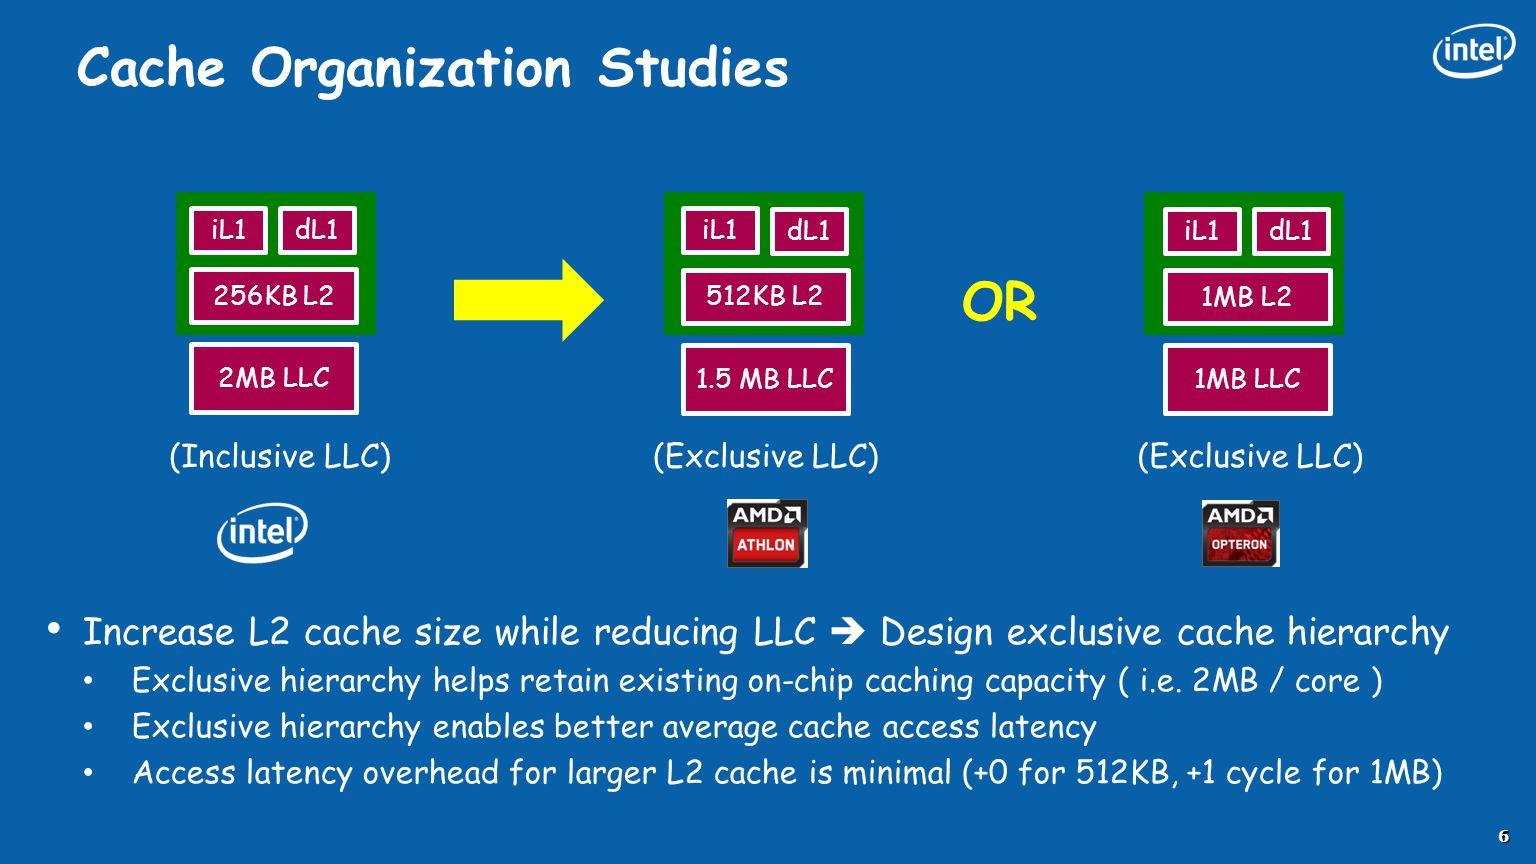 Cache Organization Studies 6 iL1 256KB L2 2MB LLC dL1 (Inclusive LLC) iL1 512KB L2 1.5 MB LLC dL1 (Exclusive LLC) iL1 1MB L2 1MB LLC dL1 (Exclusive LL